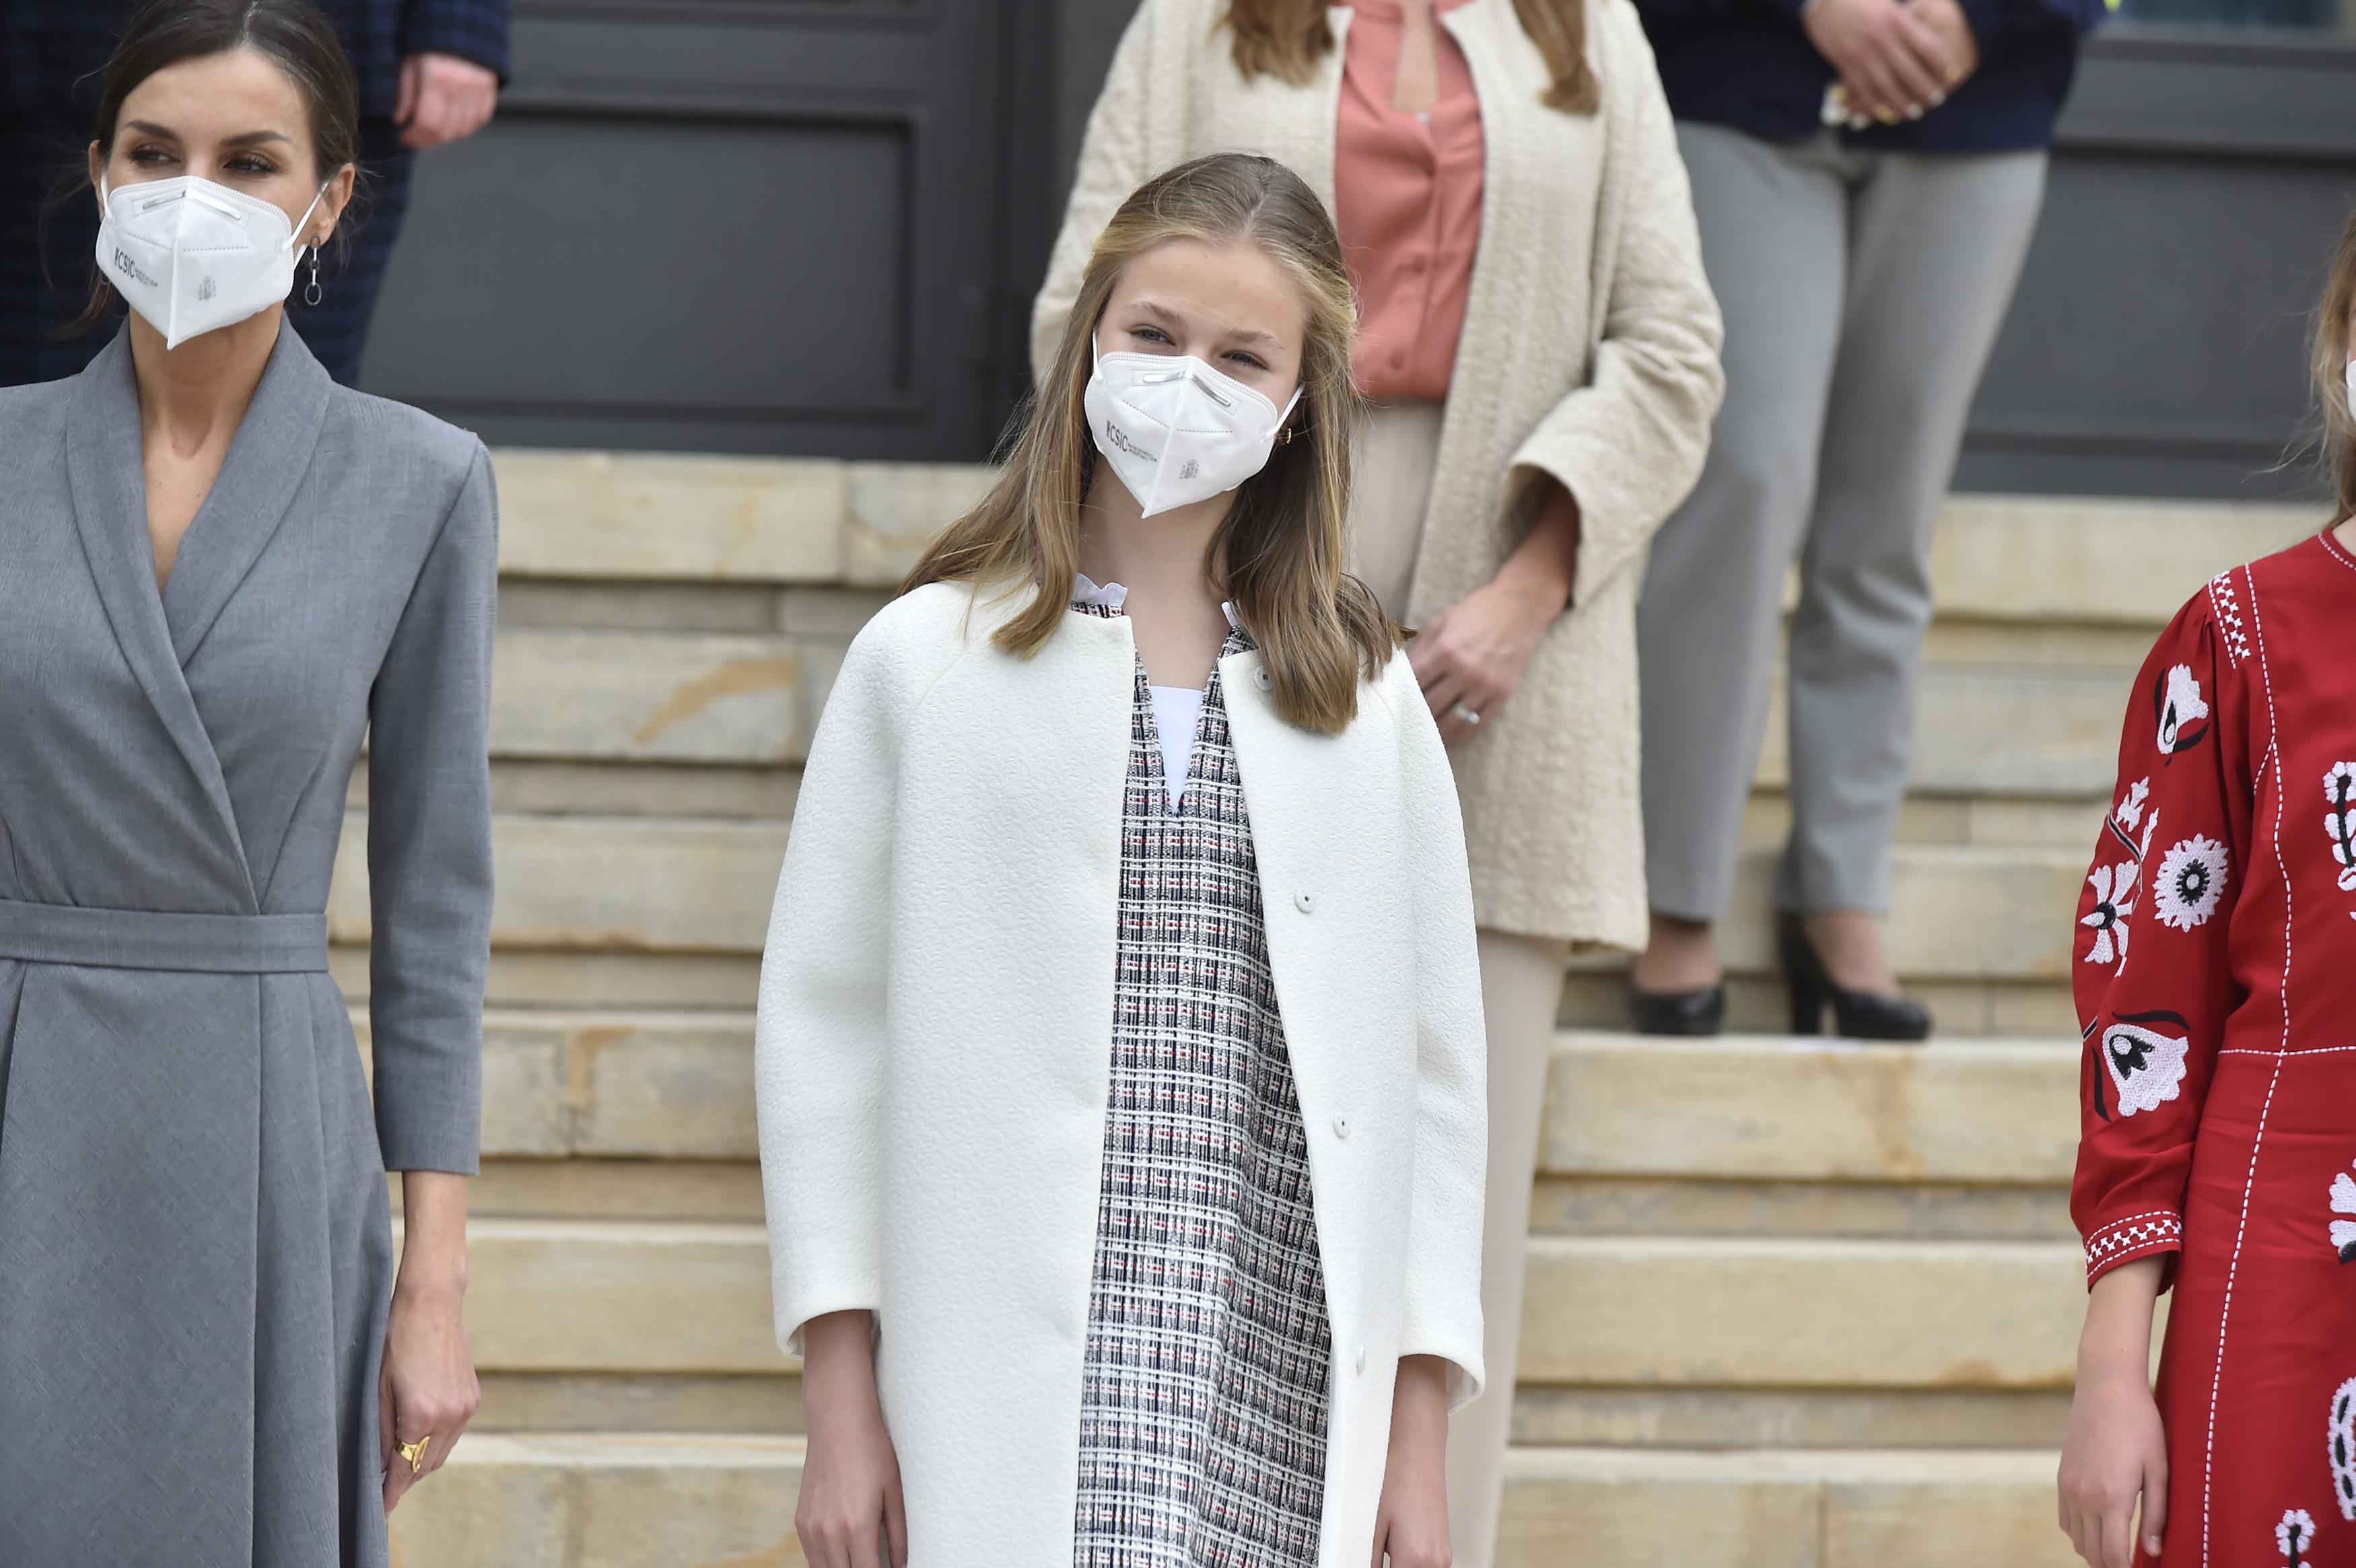 La Reina Letizia y la Princesa Leonor posan durante su visita al astillero de Navintia, a 22 de abril de 2021 en Cartagena, Murcia (España).